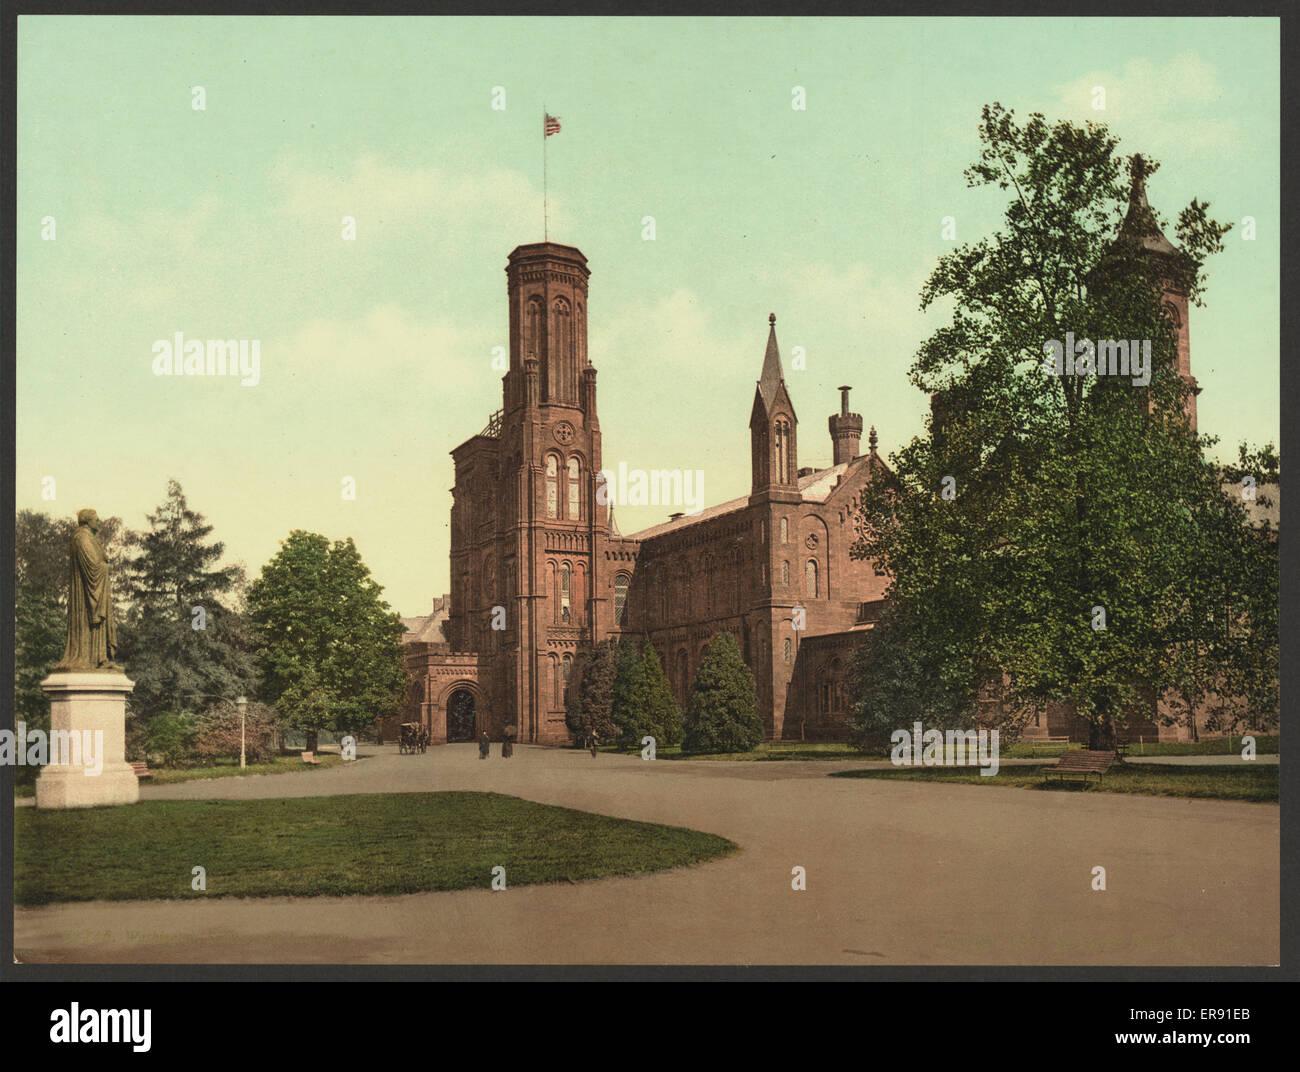 Washington. Smithsonian Institution. Date c1898. - Stock Image